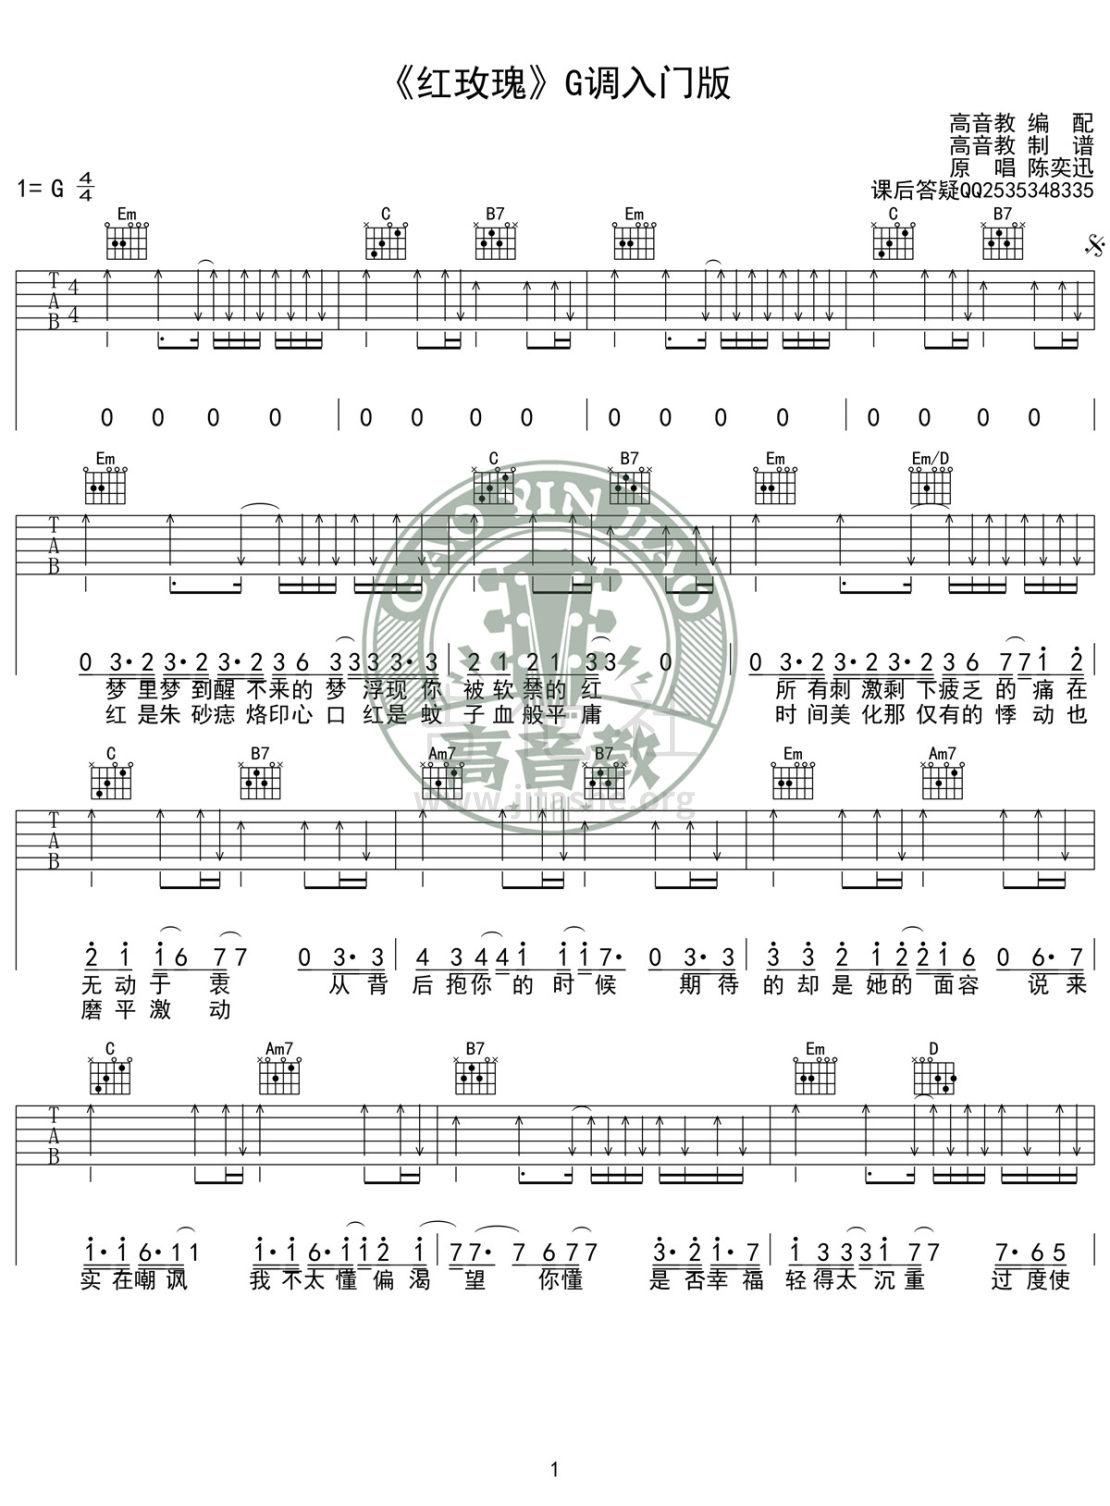 红玫瑰(G调入门版高清版 高音教编配)吉他谱(图片谱,弹唱,G调)_陈奕迅(Eason Chan)_《红玫瑰》G调入门版01.jpg